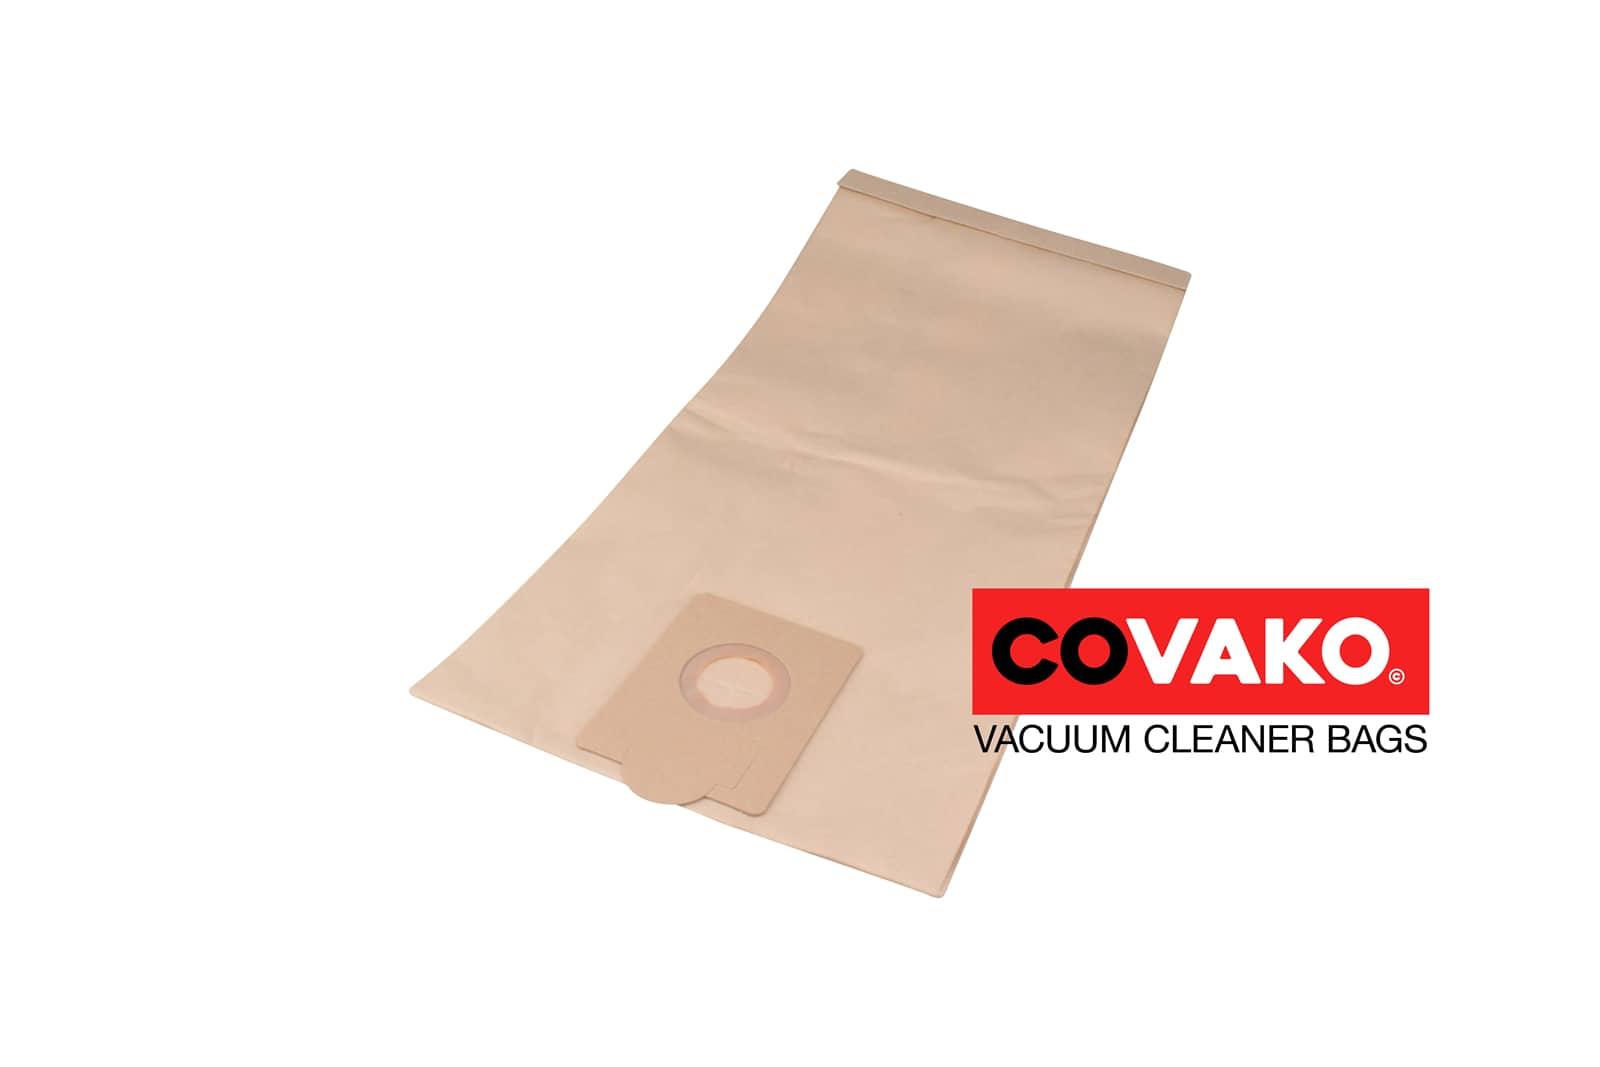 I-vac CA 60 / Paper - I-vac vacuum cleaner bags